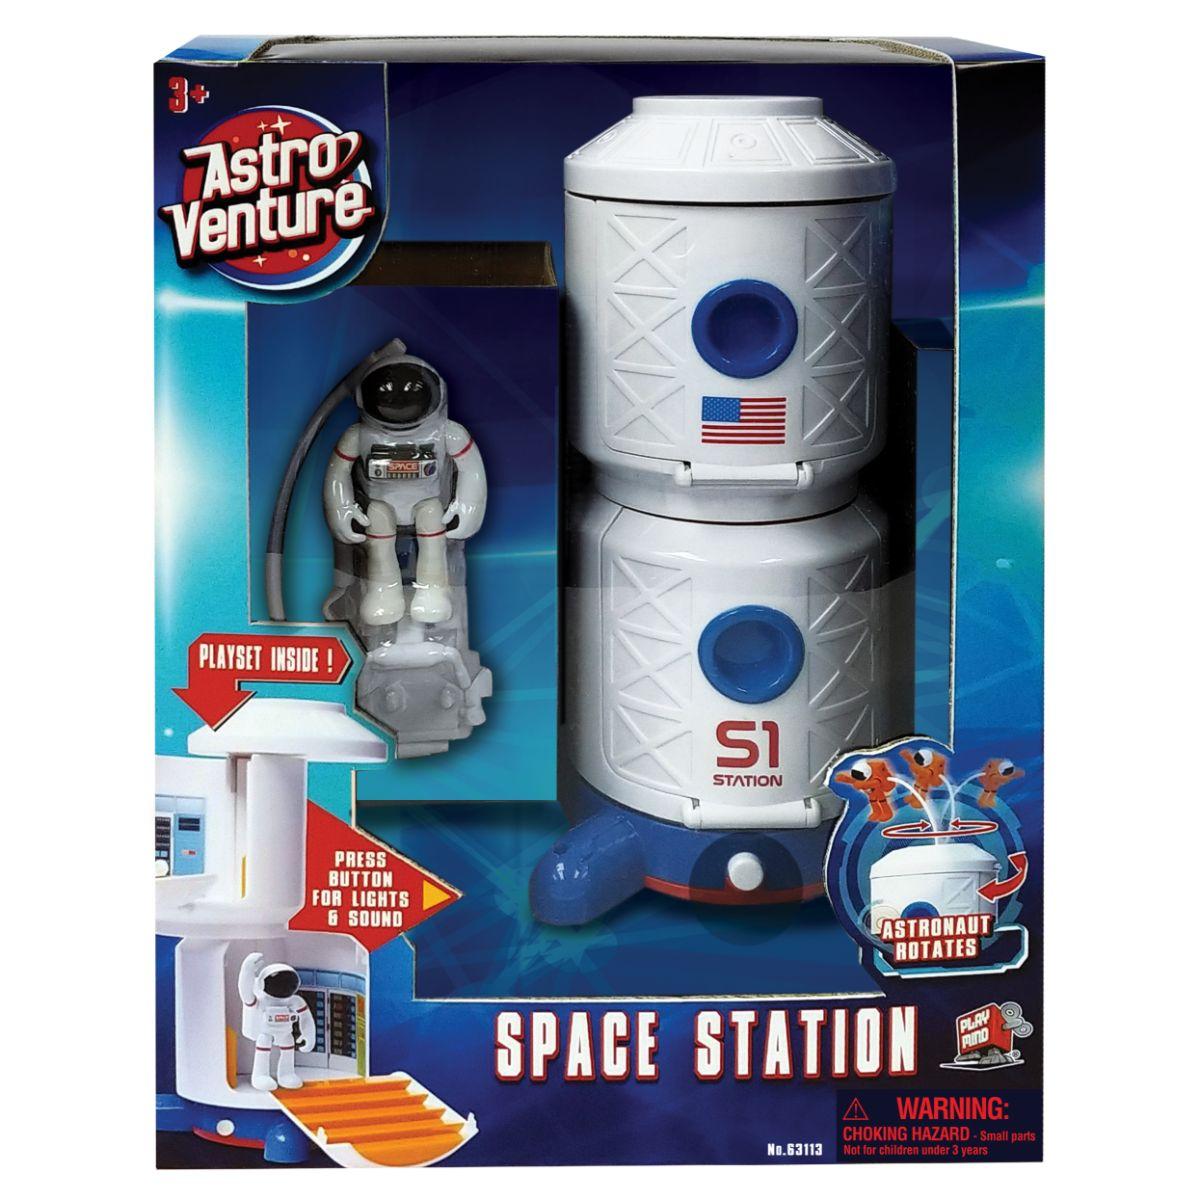 Statie spatiala si figurina astronaut Astro Venture